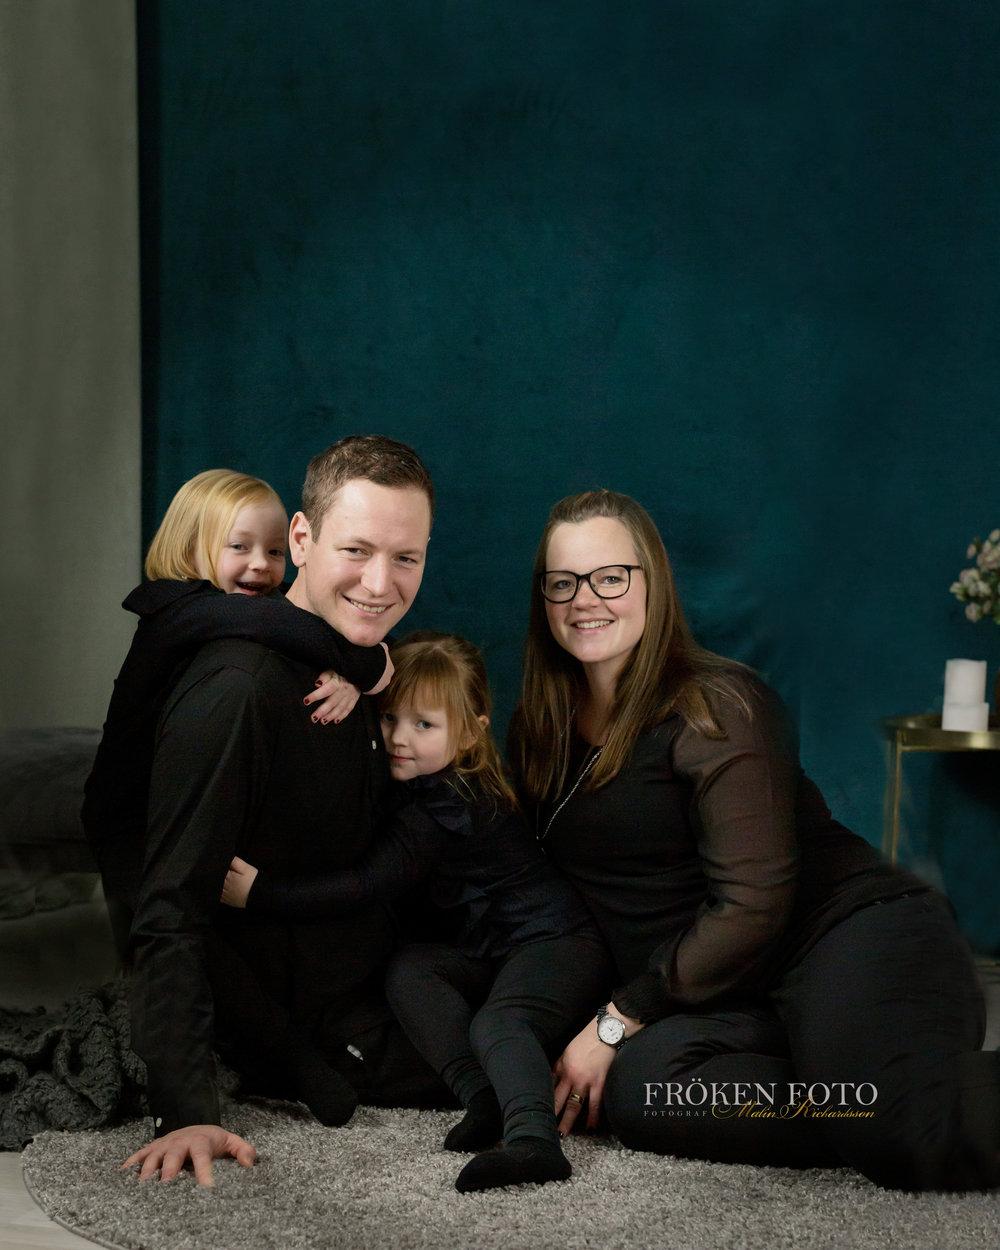 Syskon på väg hos Fröken Foto Studio Skene fotograf Malin Richardsson 2019  (56).jpg